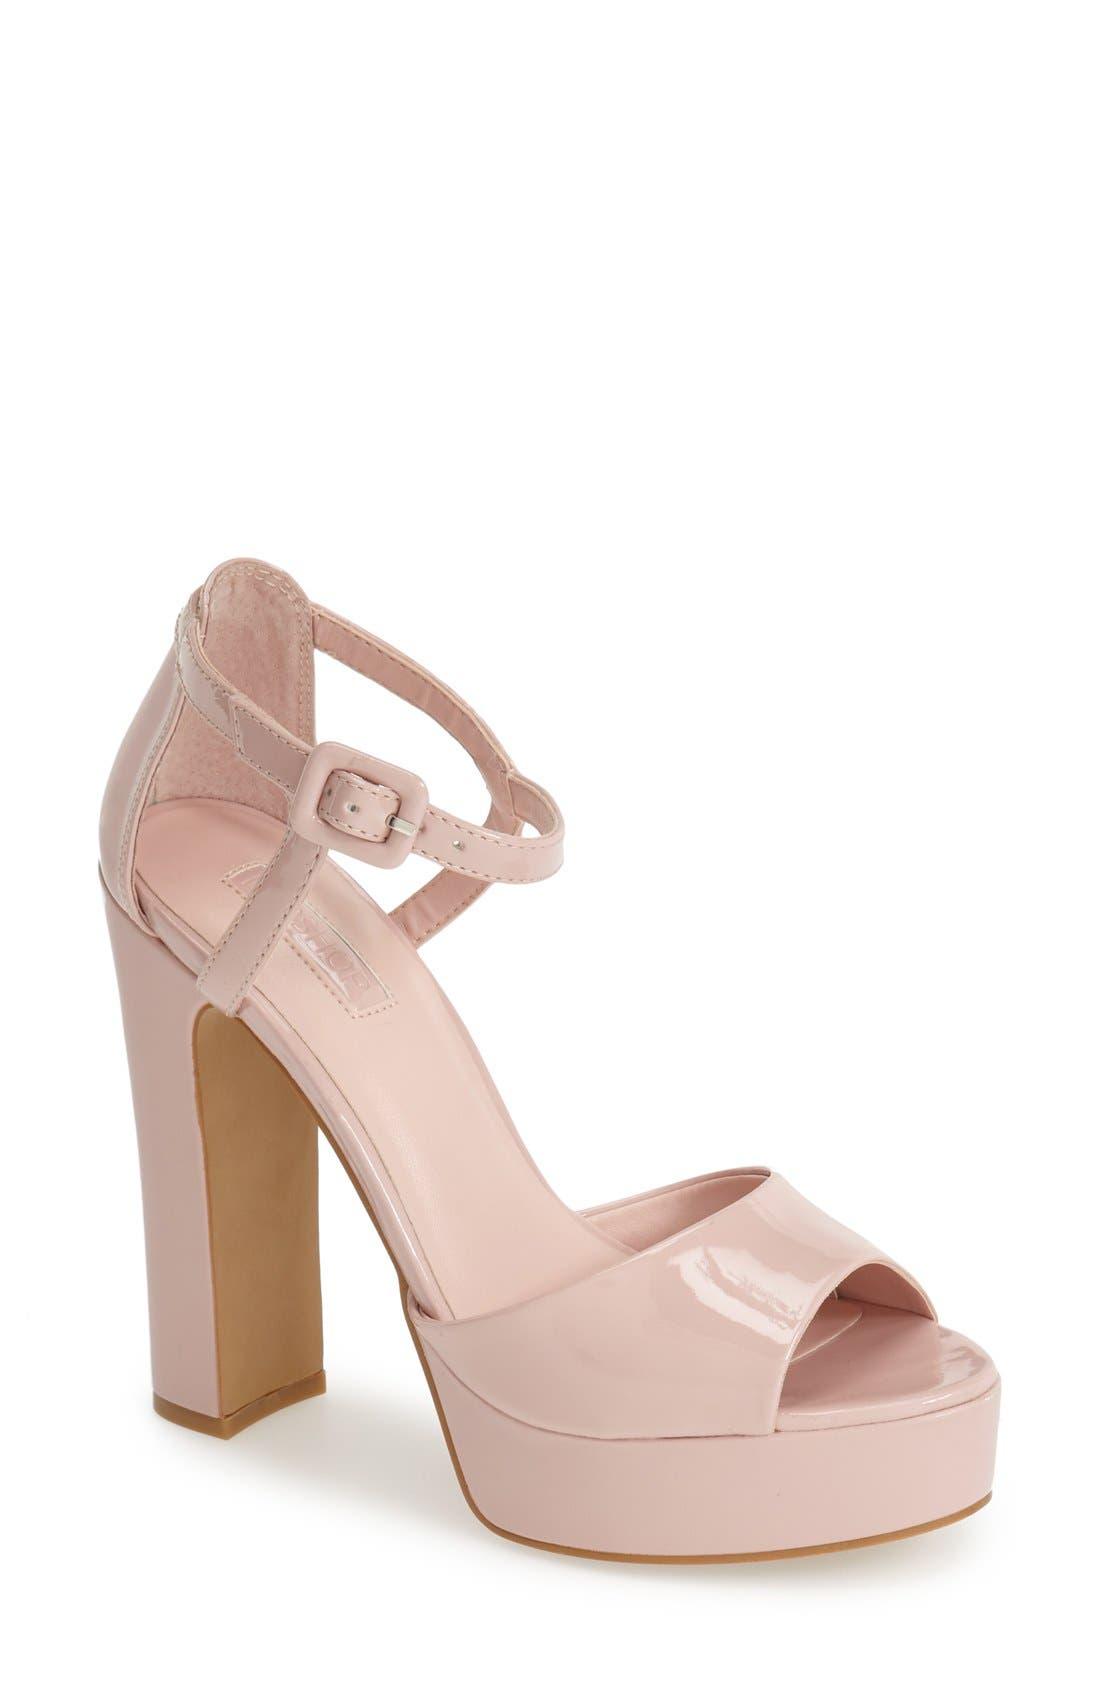 Alternate Image 1 Selected - Topshop 'Lena' Ankle Strap Platform Sandal (Women)